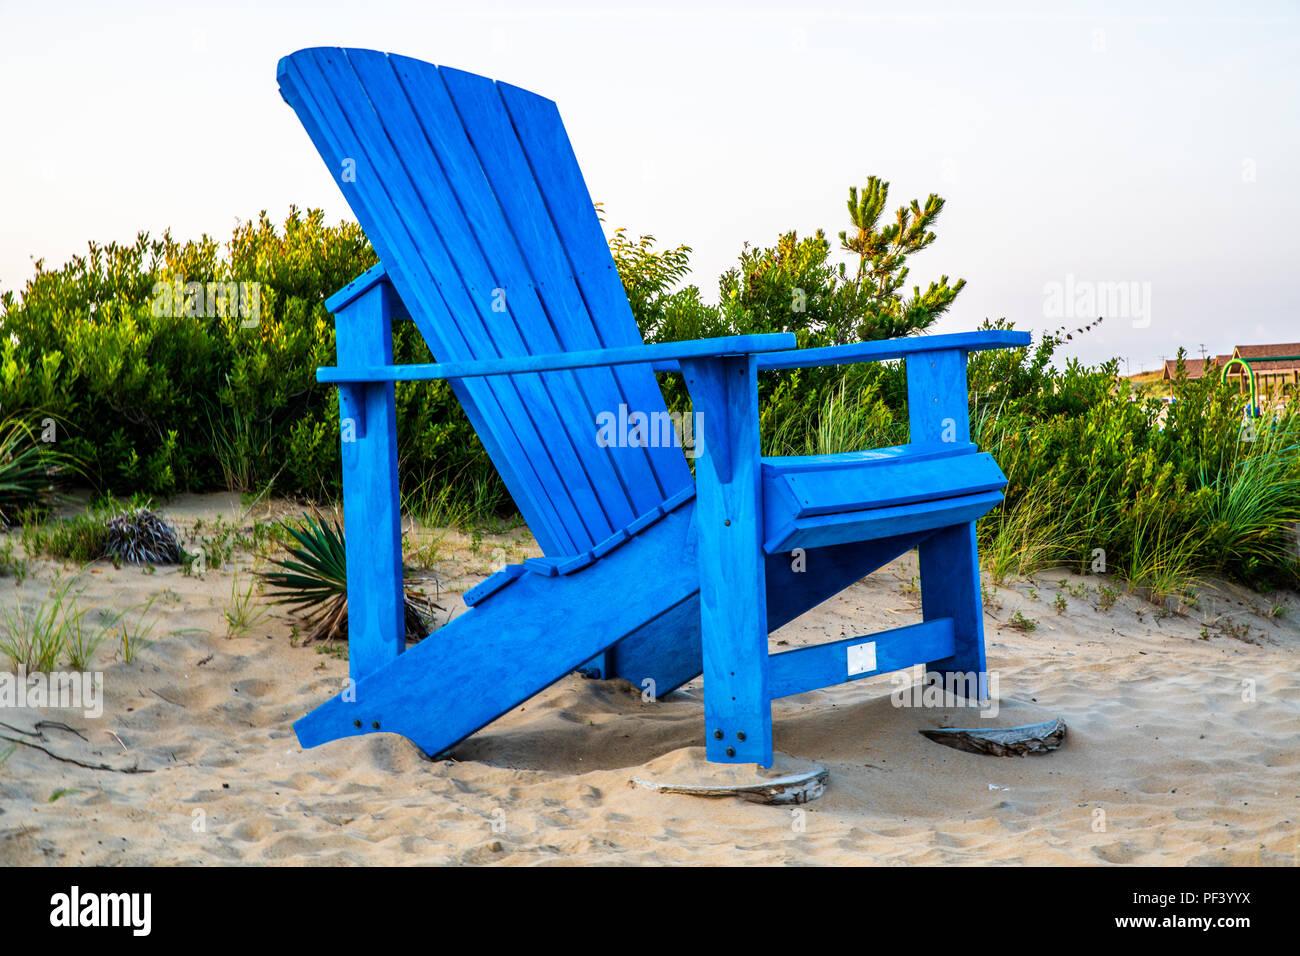 Un gigante blu sedia adirondack a Sandbridge in Virginia